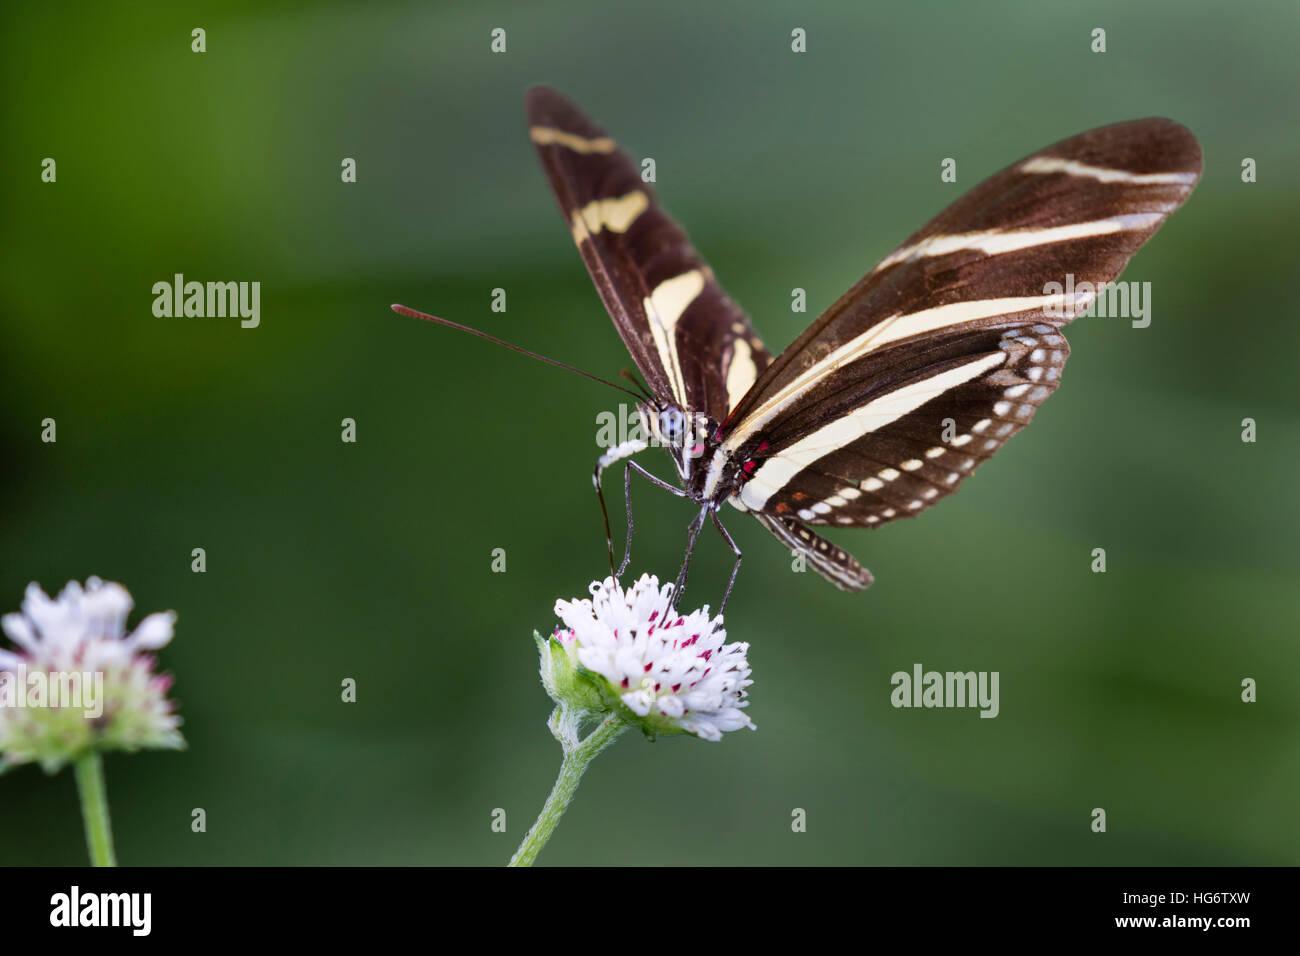 Zebra Longwing Schmetterling (Heliconius Charitonius) Fütterung auf eine Blume, Belize, Mittelamerika Stockbild